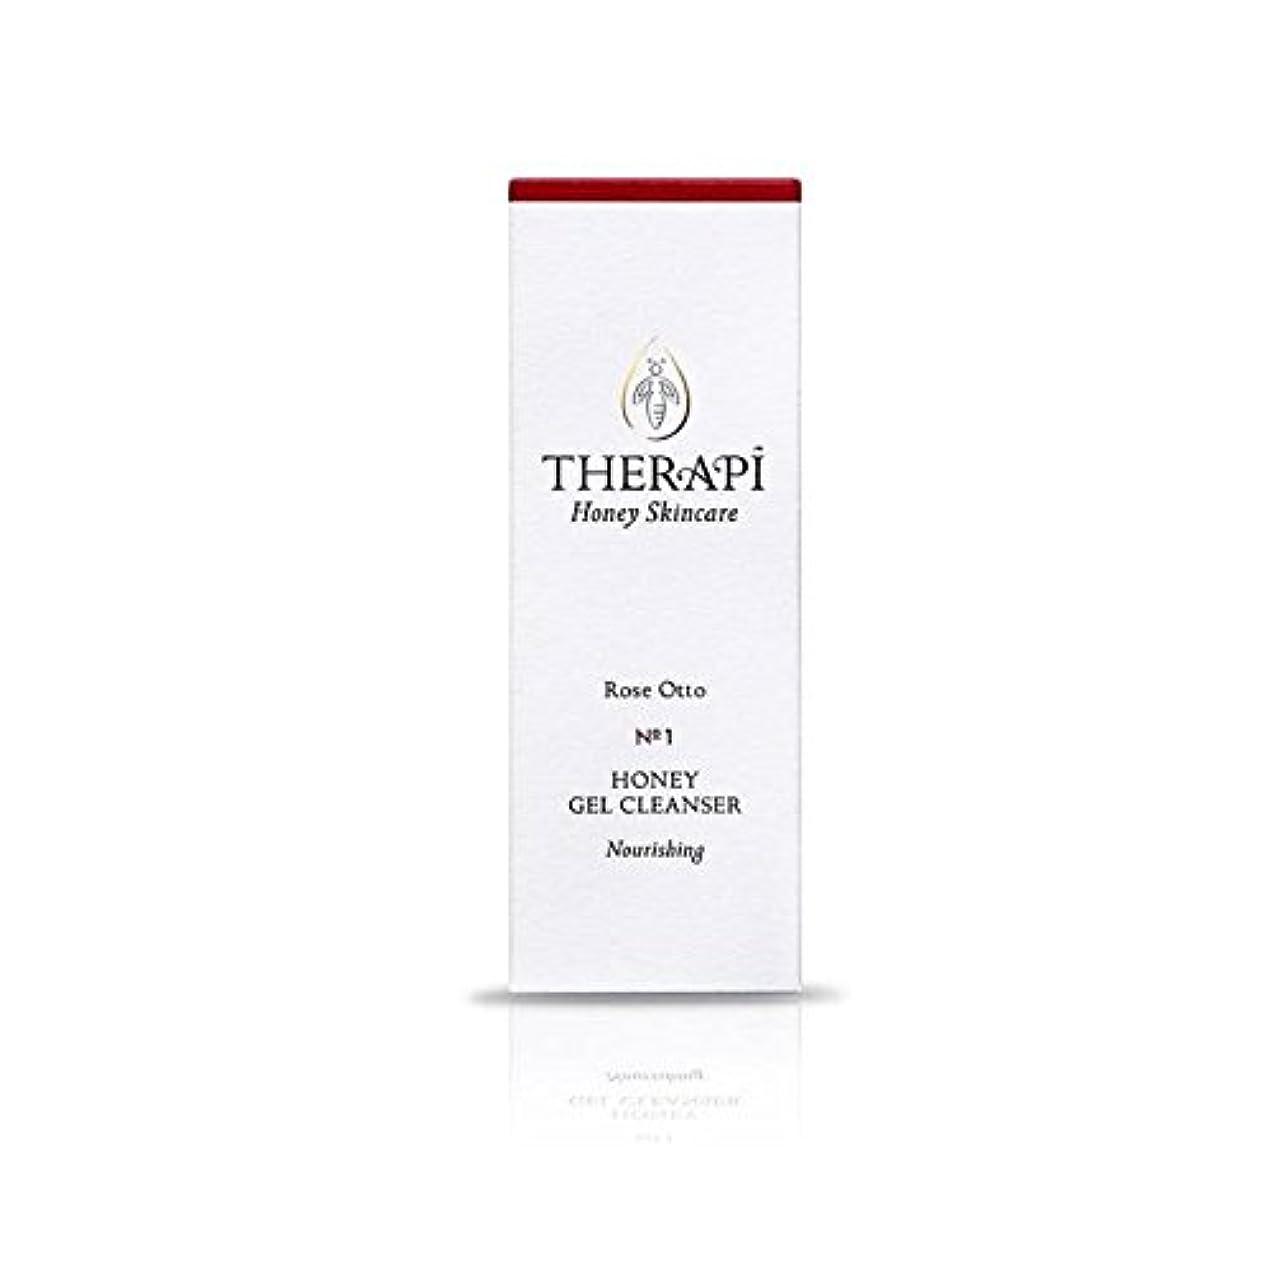 自発意図哀れな蜂蜜ゲルクレンザーの100ミリリットルをオットーローズ (Therapi) (x 4) - Therapi Rose Otto Honey Gel Cleanser 100ml (Pack of 4) [並行輸入品]